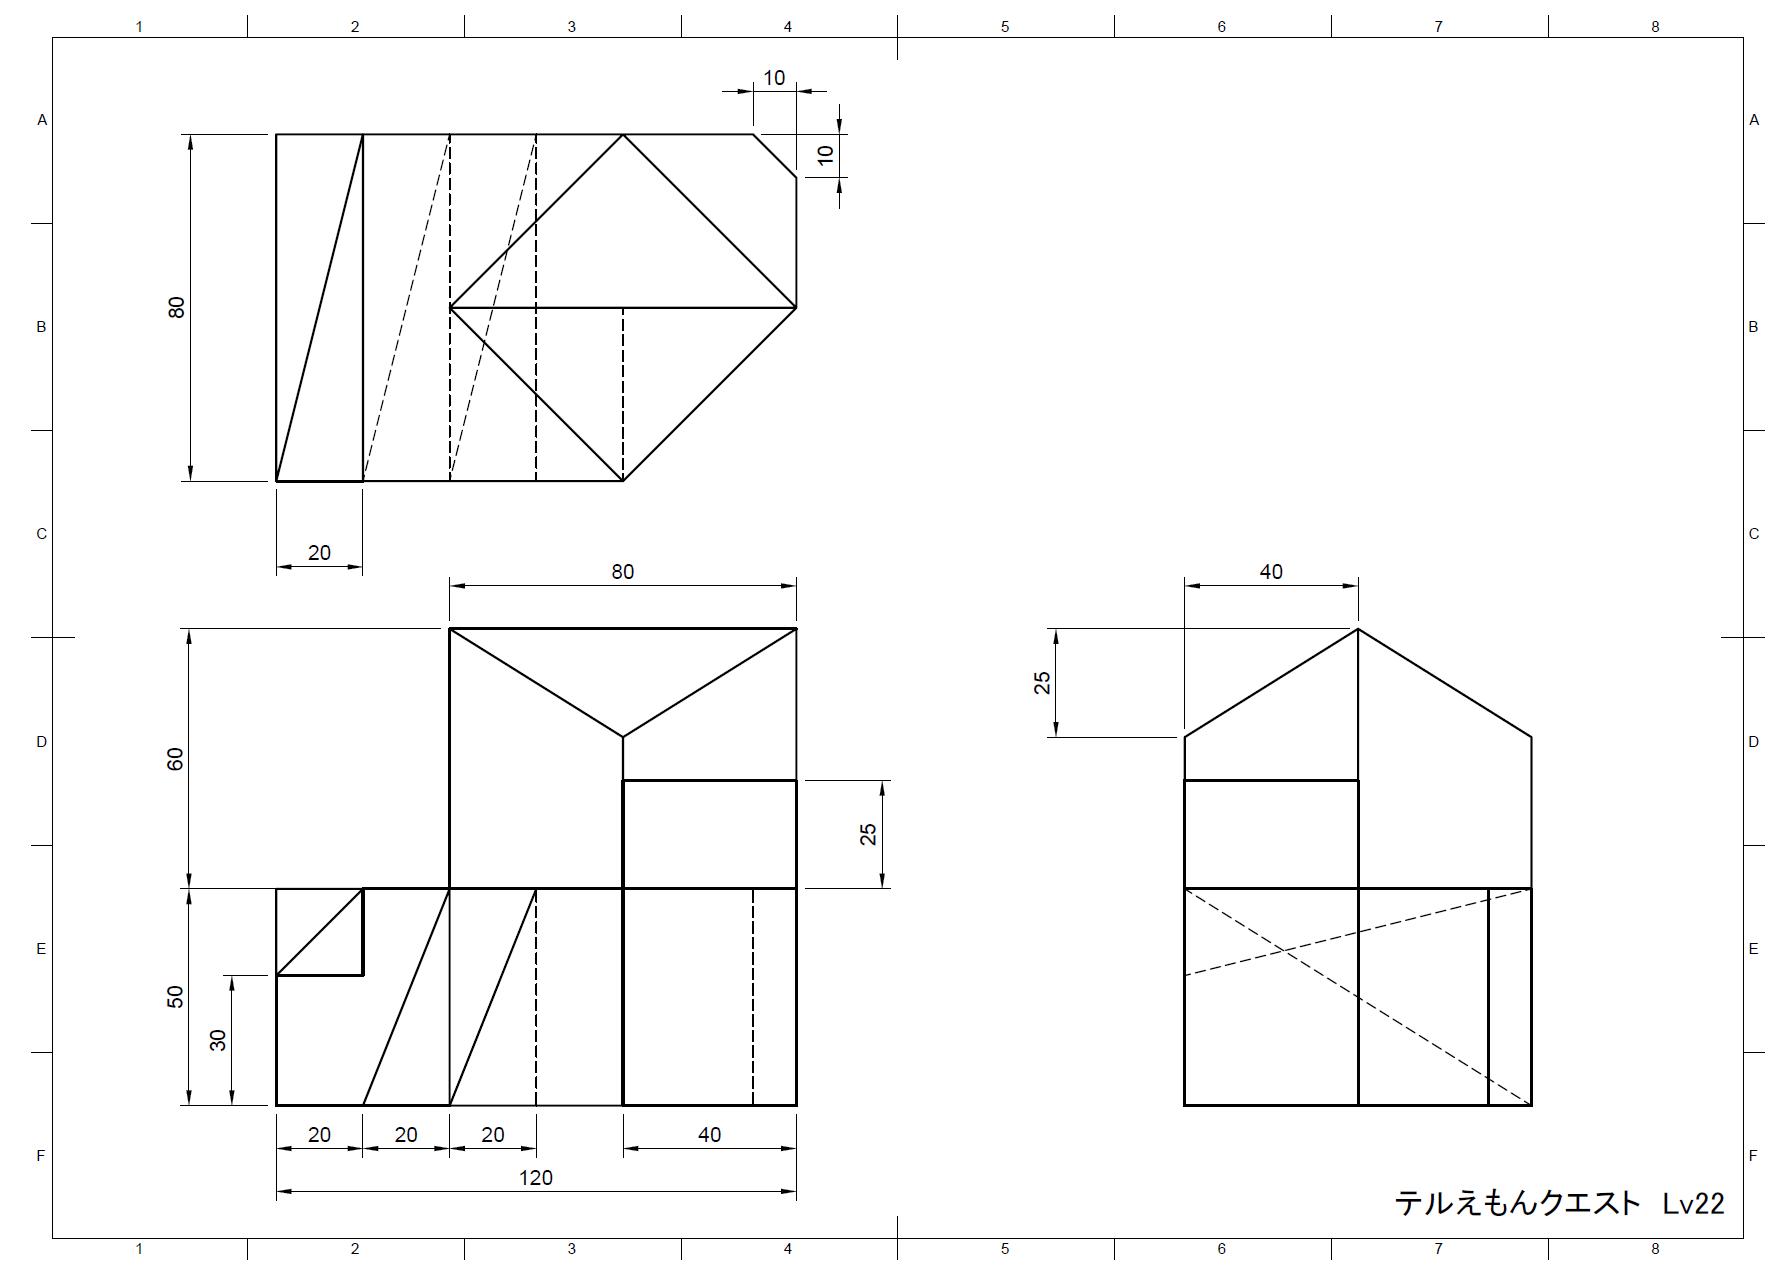 テルえもんクエスト-Lv22 図面